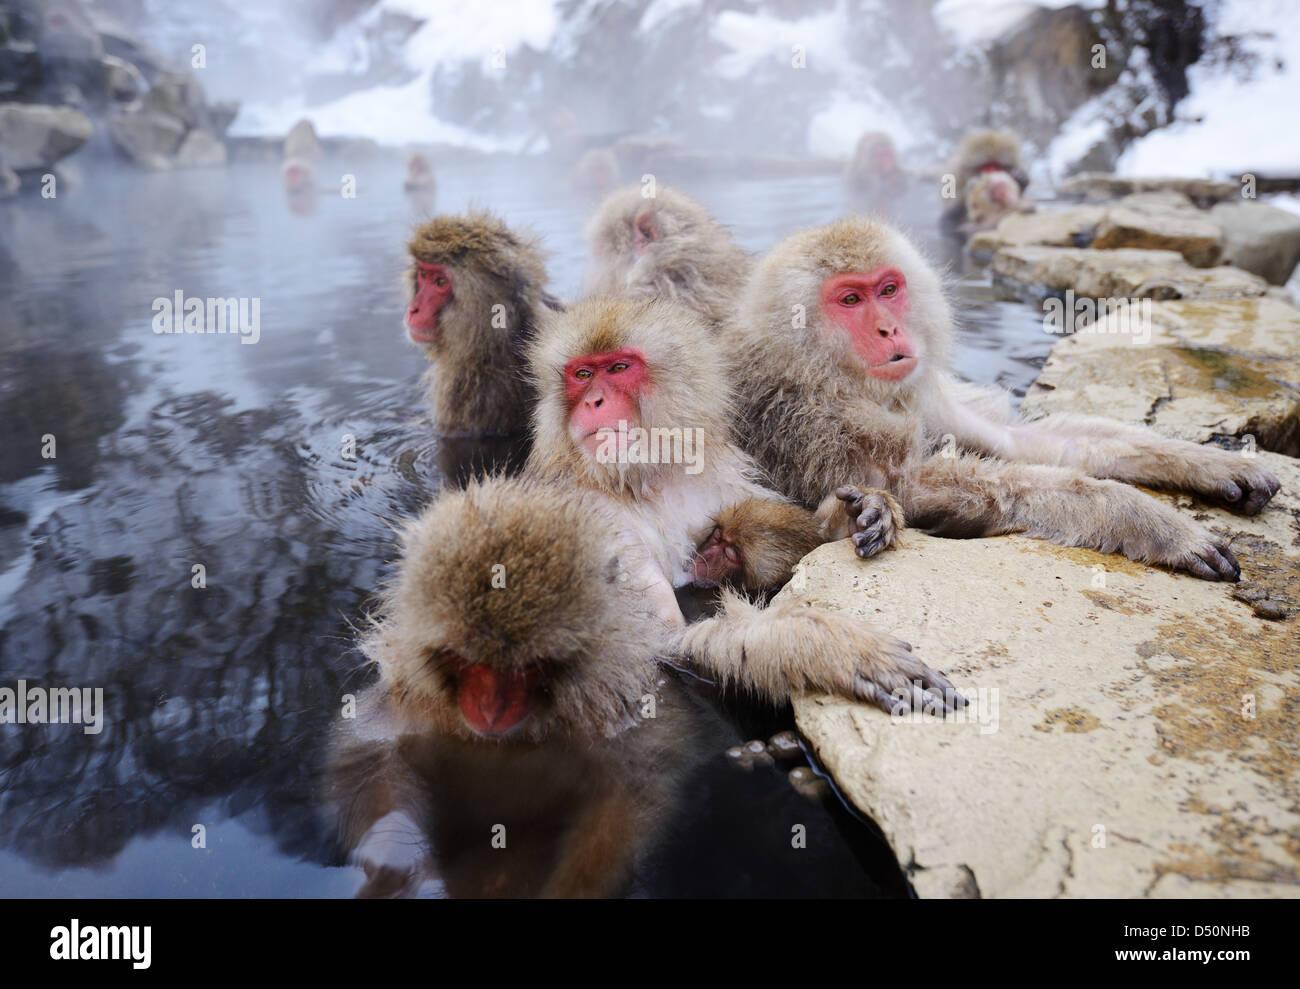 Neve giapponese scimmie bagno nelle sorgenti calde a Nagano, Giappone. Immagini Stock